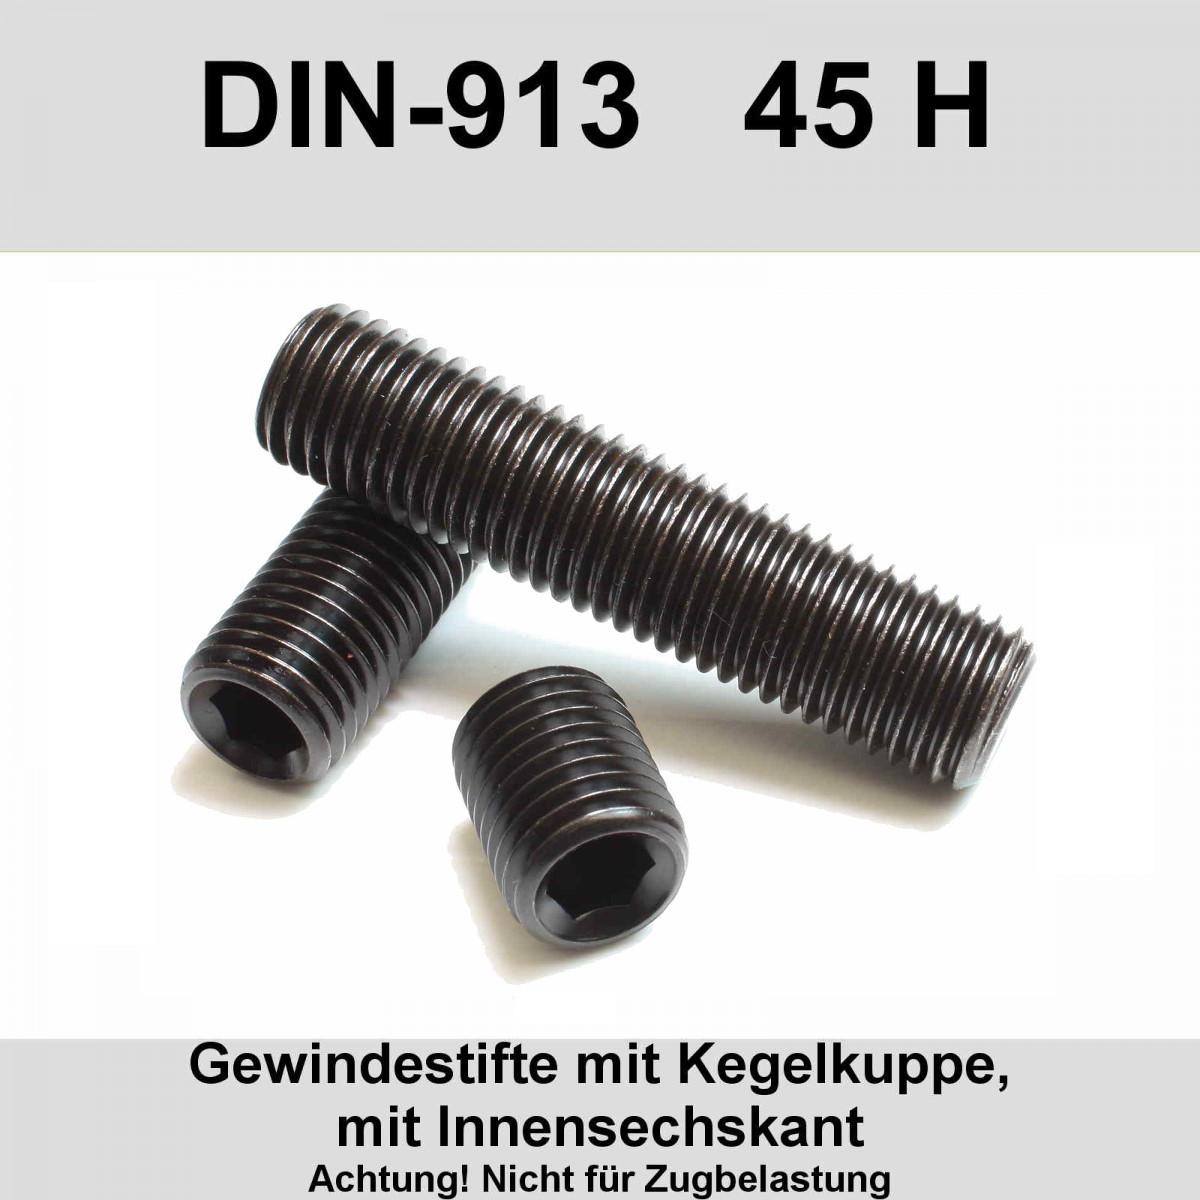 100 st Zylinder; Sechskant; HEX 2,5 mm Schraube; M3x8; DIN:912; Kopf